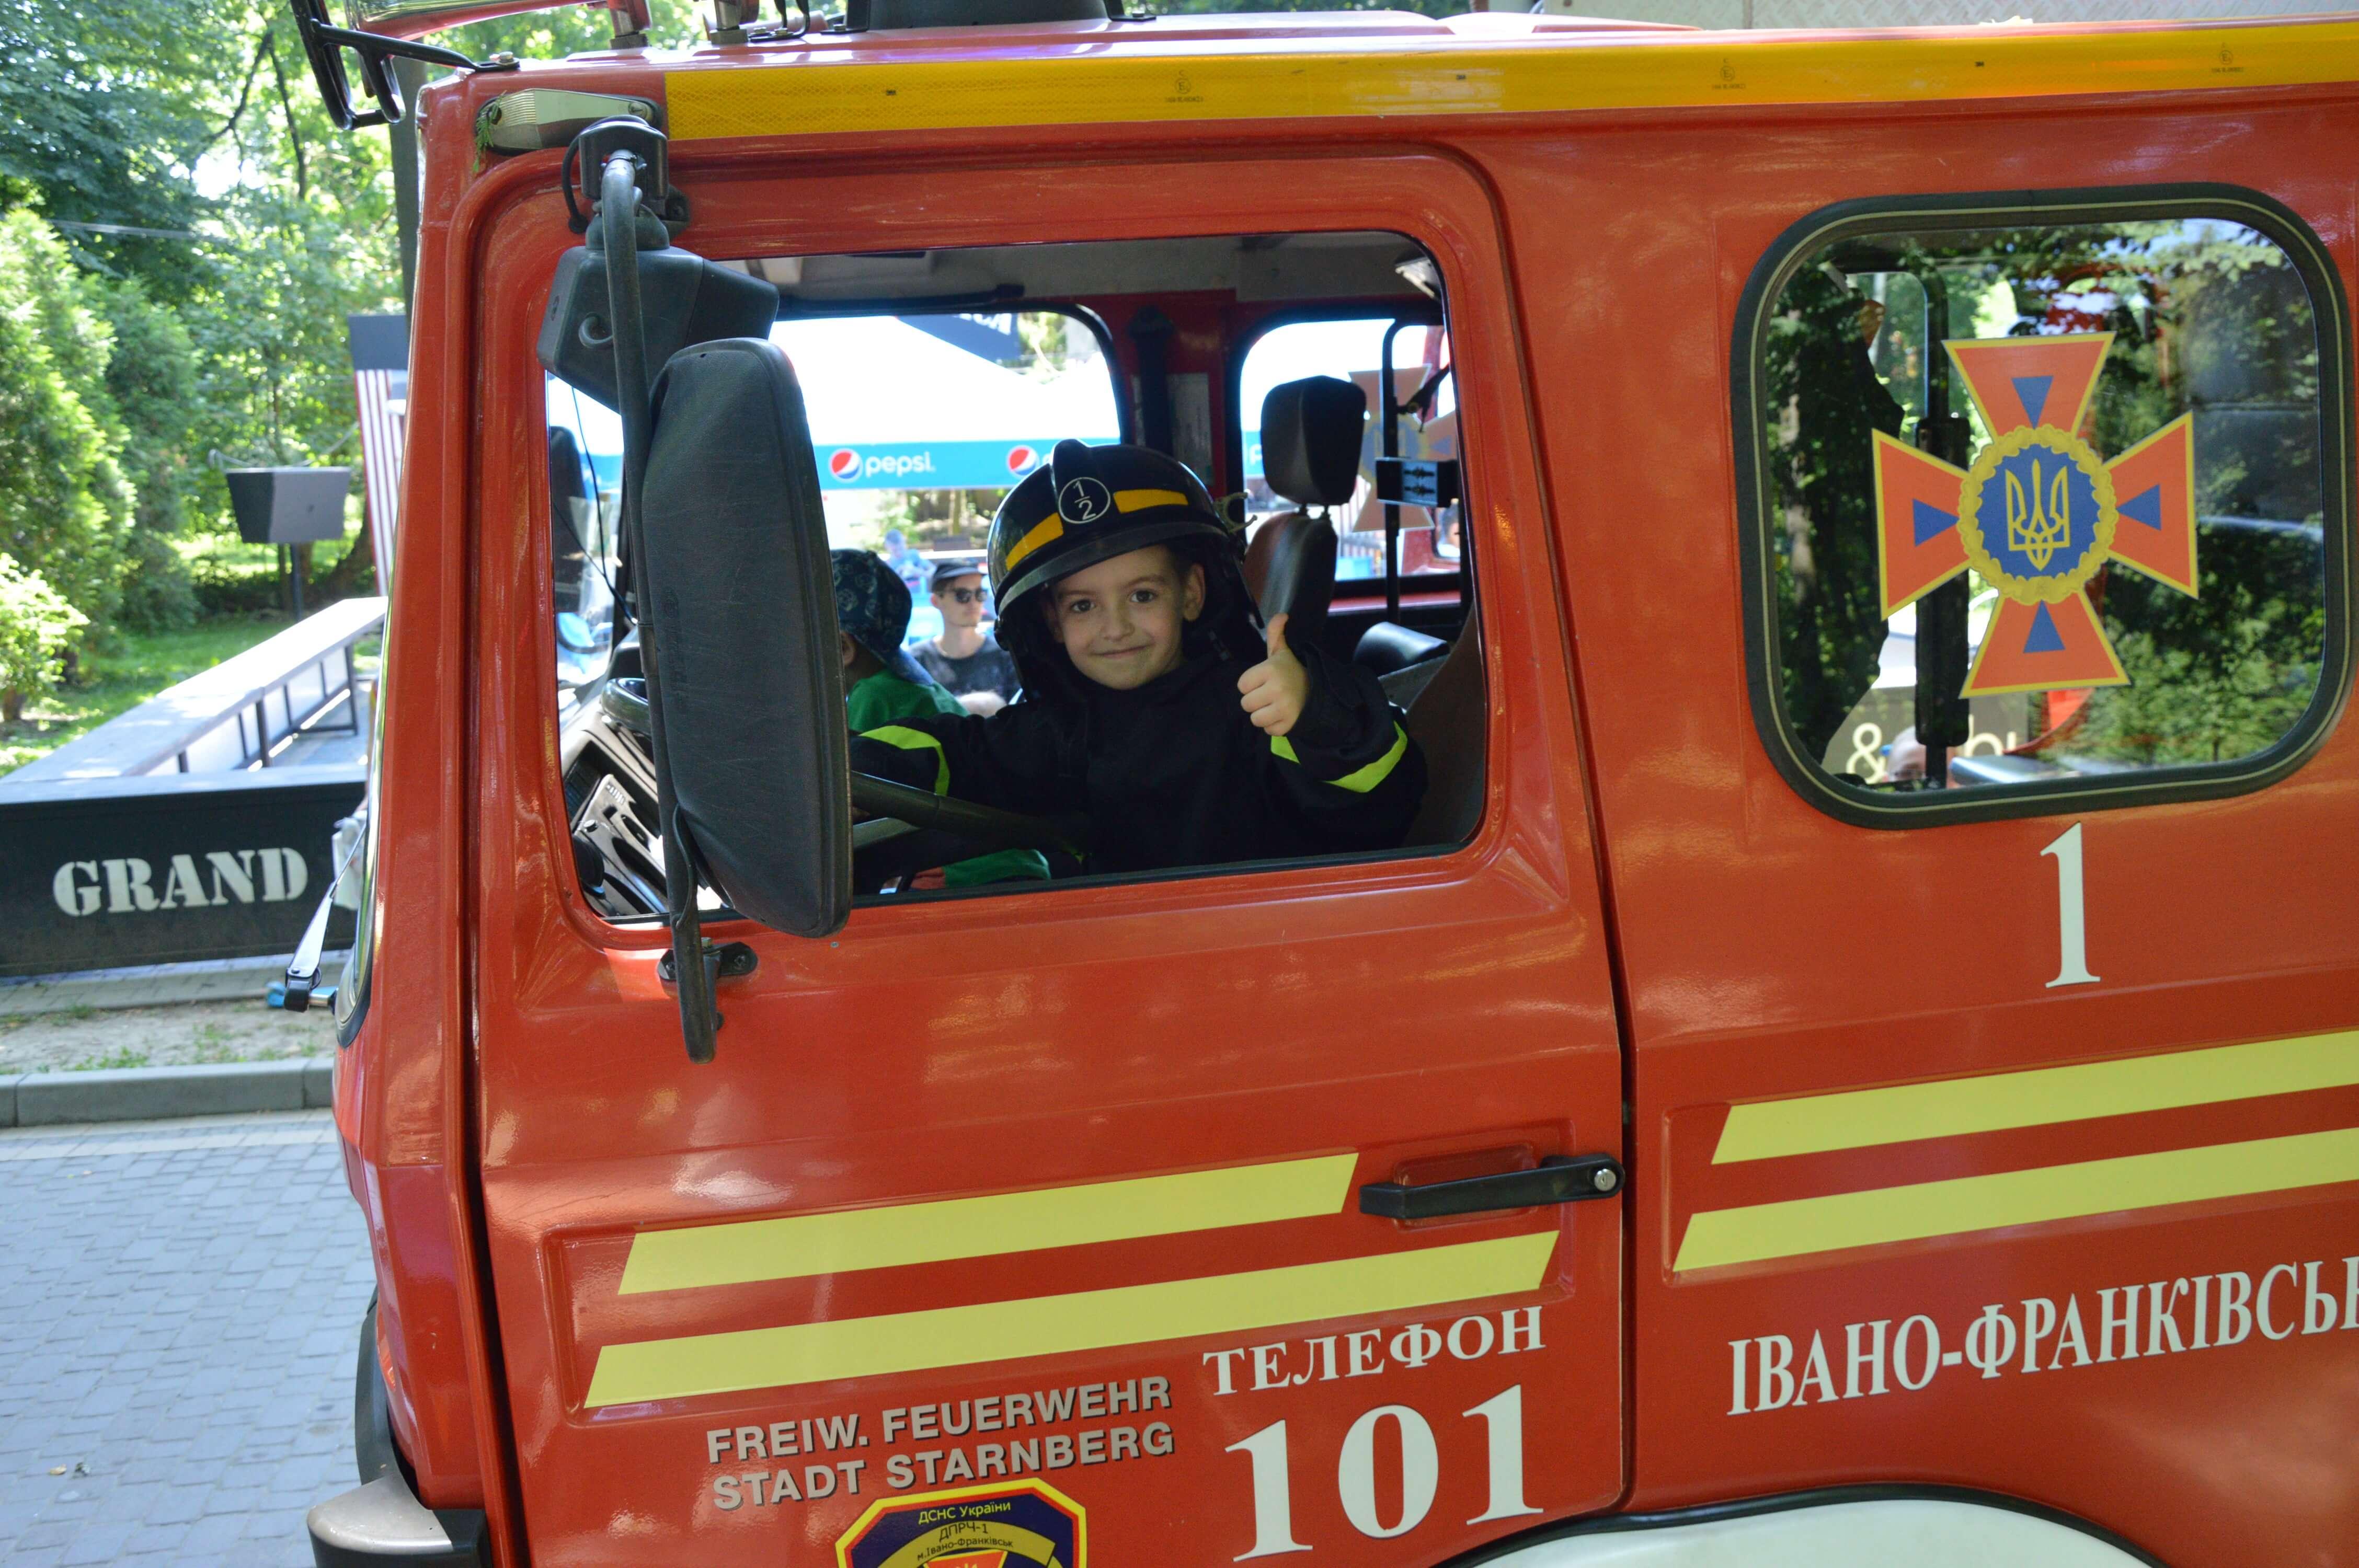 На «Місті професій» в Івано-Франківську діти  гасили пожежу (ФОТО)